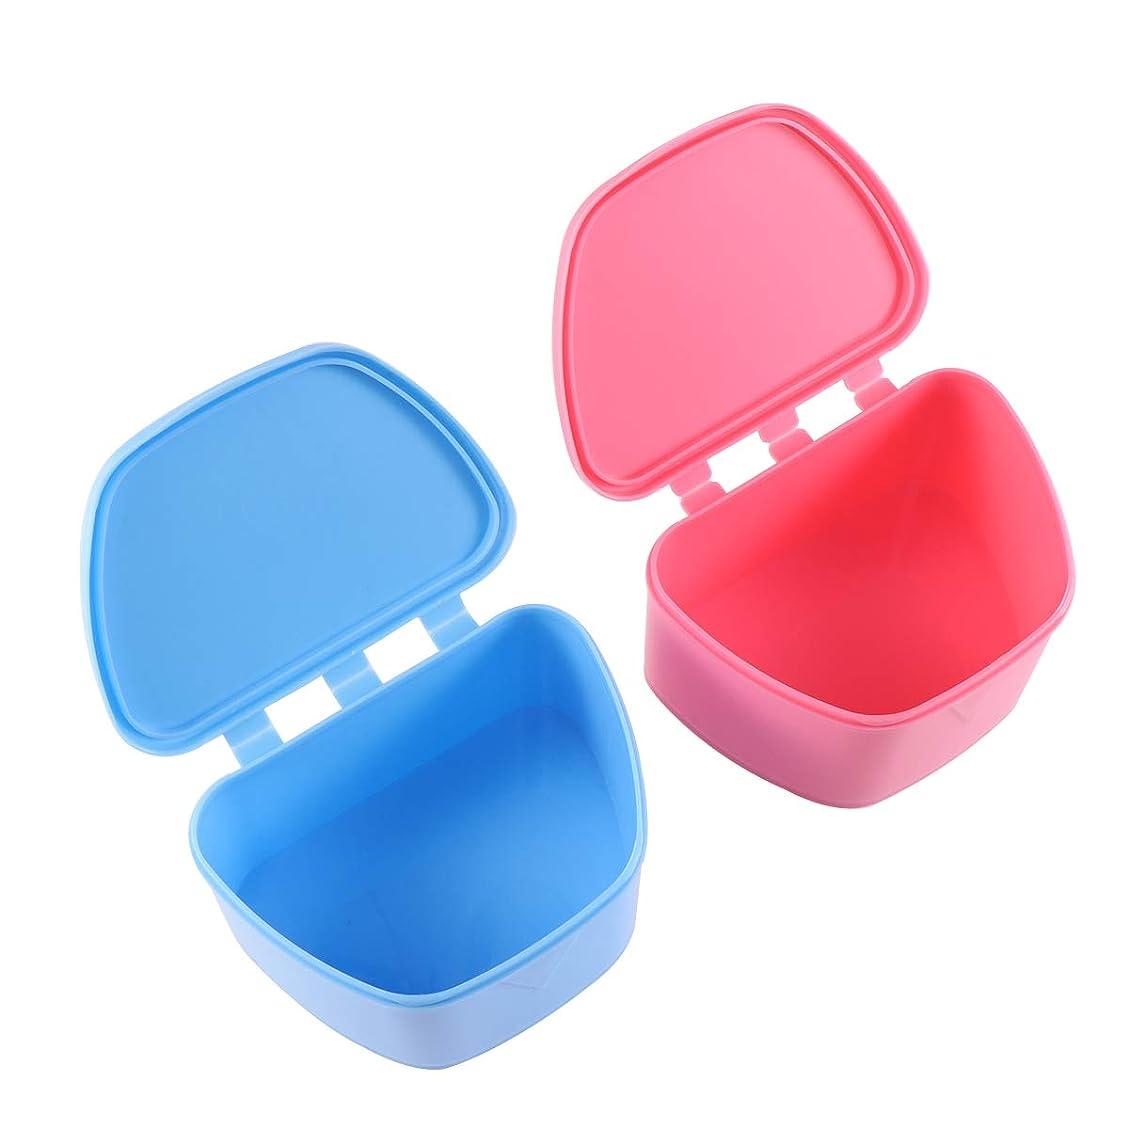 累計ハウジング警察署Healifty 歯科ケース義歯収納ボックス矯正歯科ボックス2個(青とロージー)